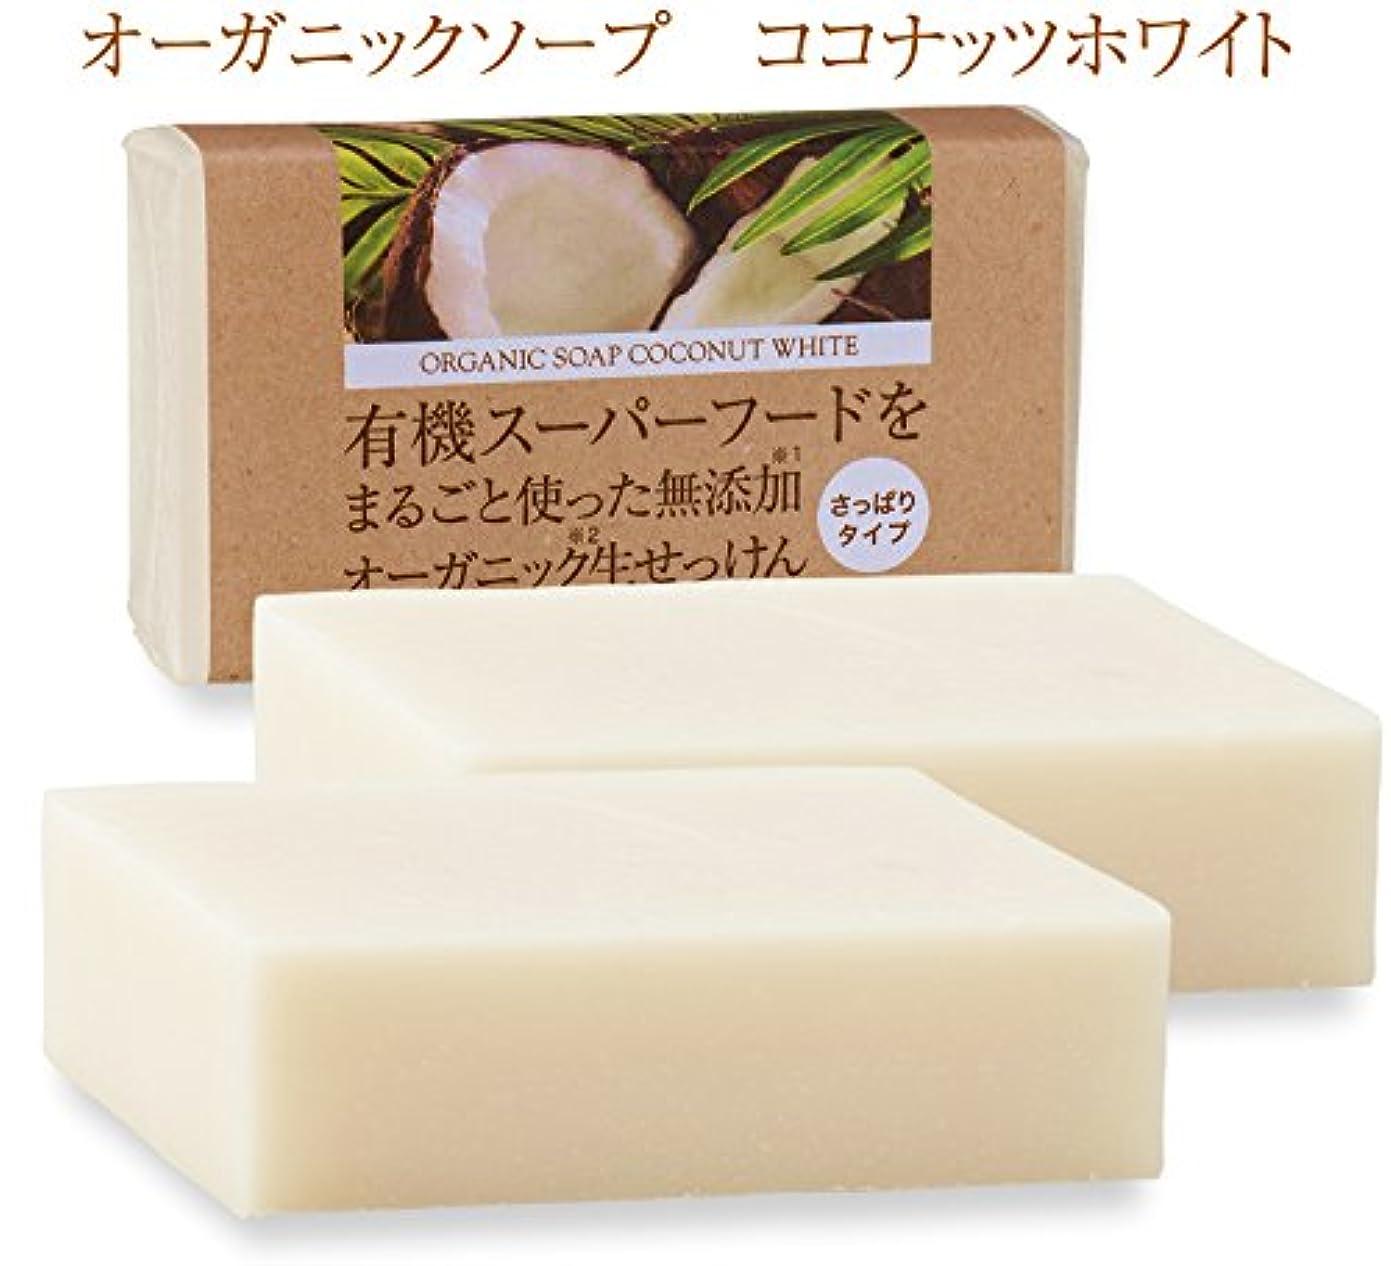 無人ミケランジェロ接触有機ココナッツオイルをまるごと使った無添加オーガニック生せっけん(枠練)Organic Raw Soap Coconut White 80g 2個 コールドプロセス製法 (日本製)